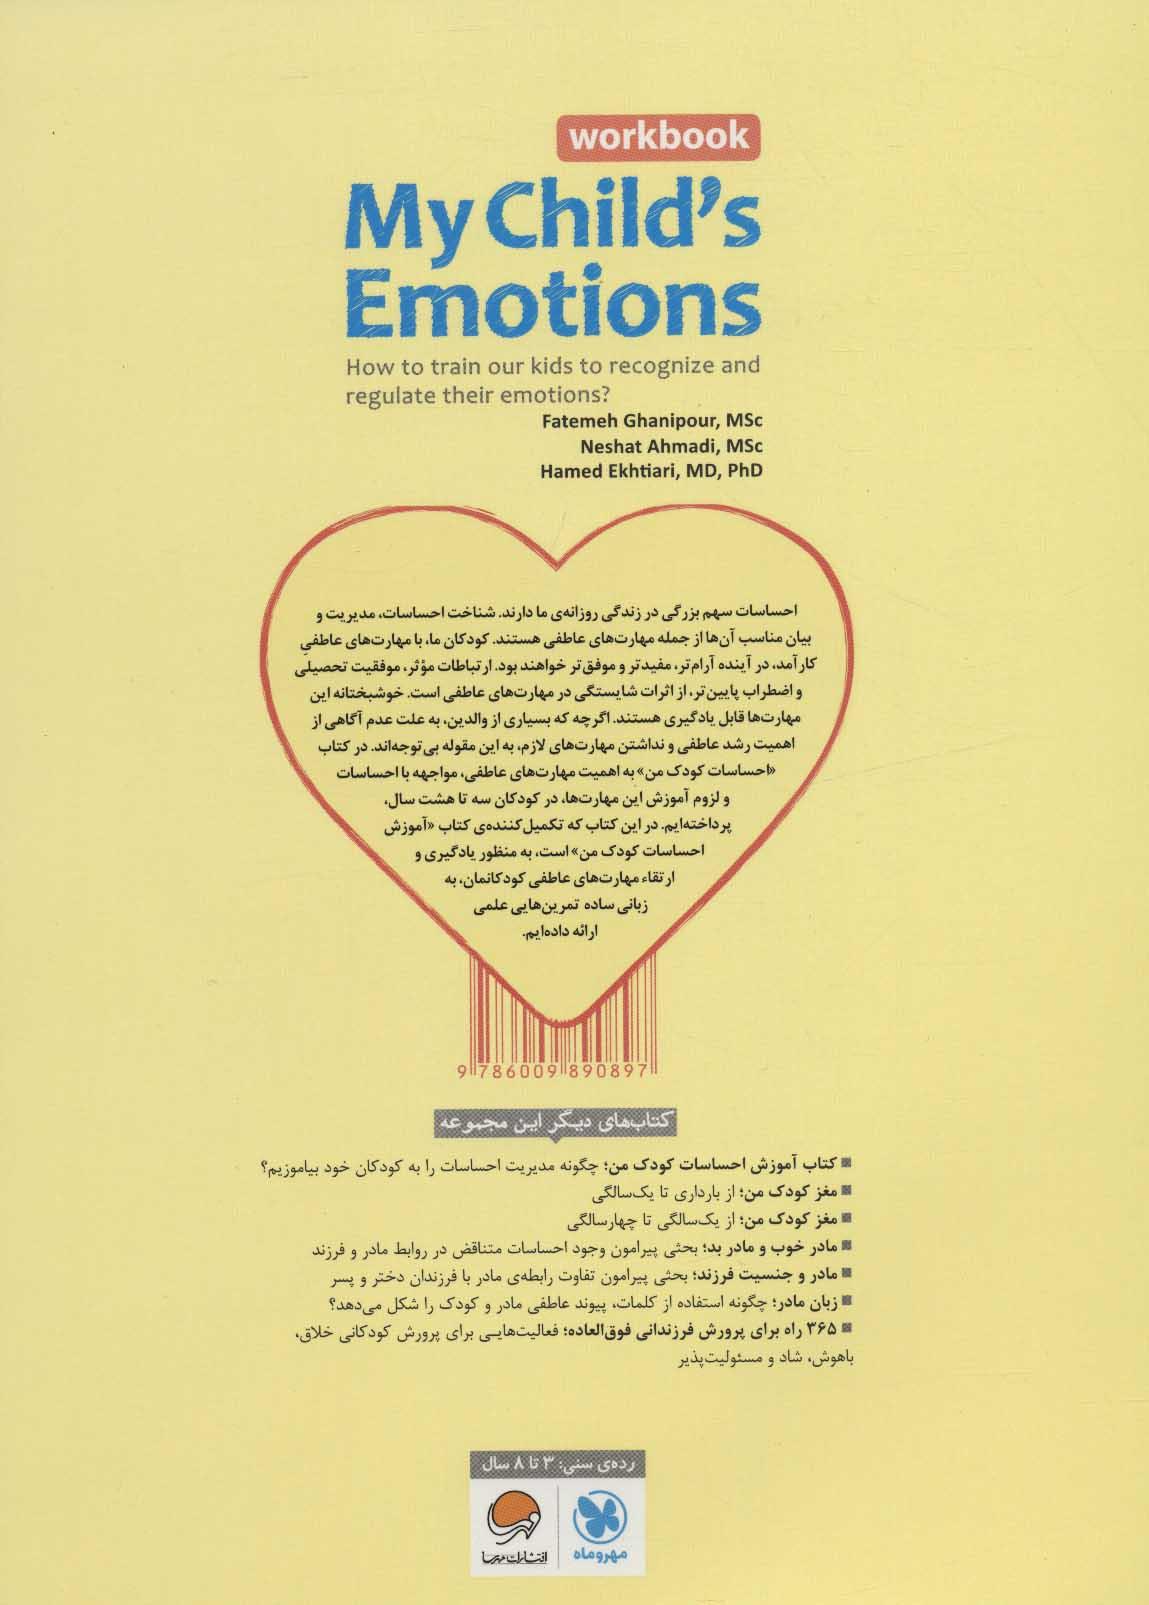 احساسات کودک من (کتاب کار)،(تمرین هایی برای آموزش مهارت های مدیریت احساسات در کودکان)